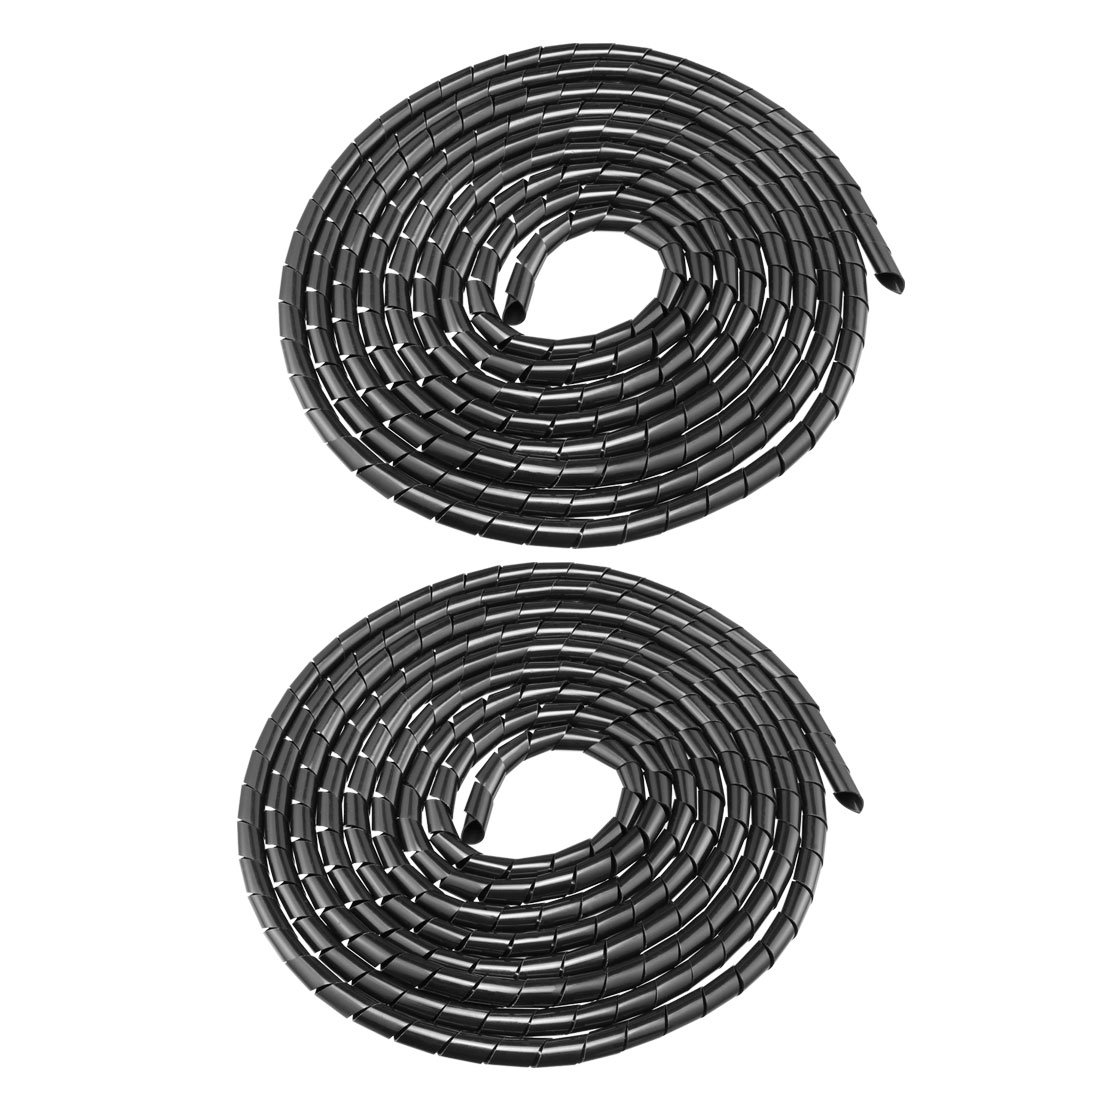 sourcing map 10mm Tube spirale souple enveloppant C/âble Cordon ordinateur g/érer 3m blanc